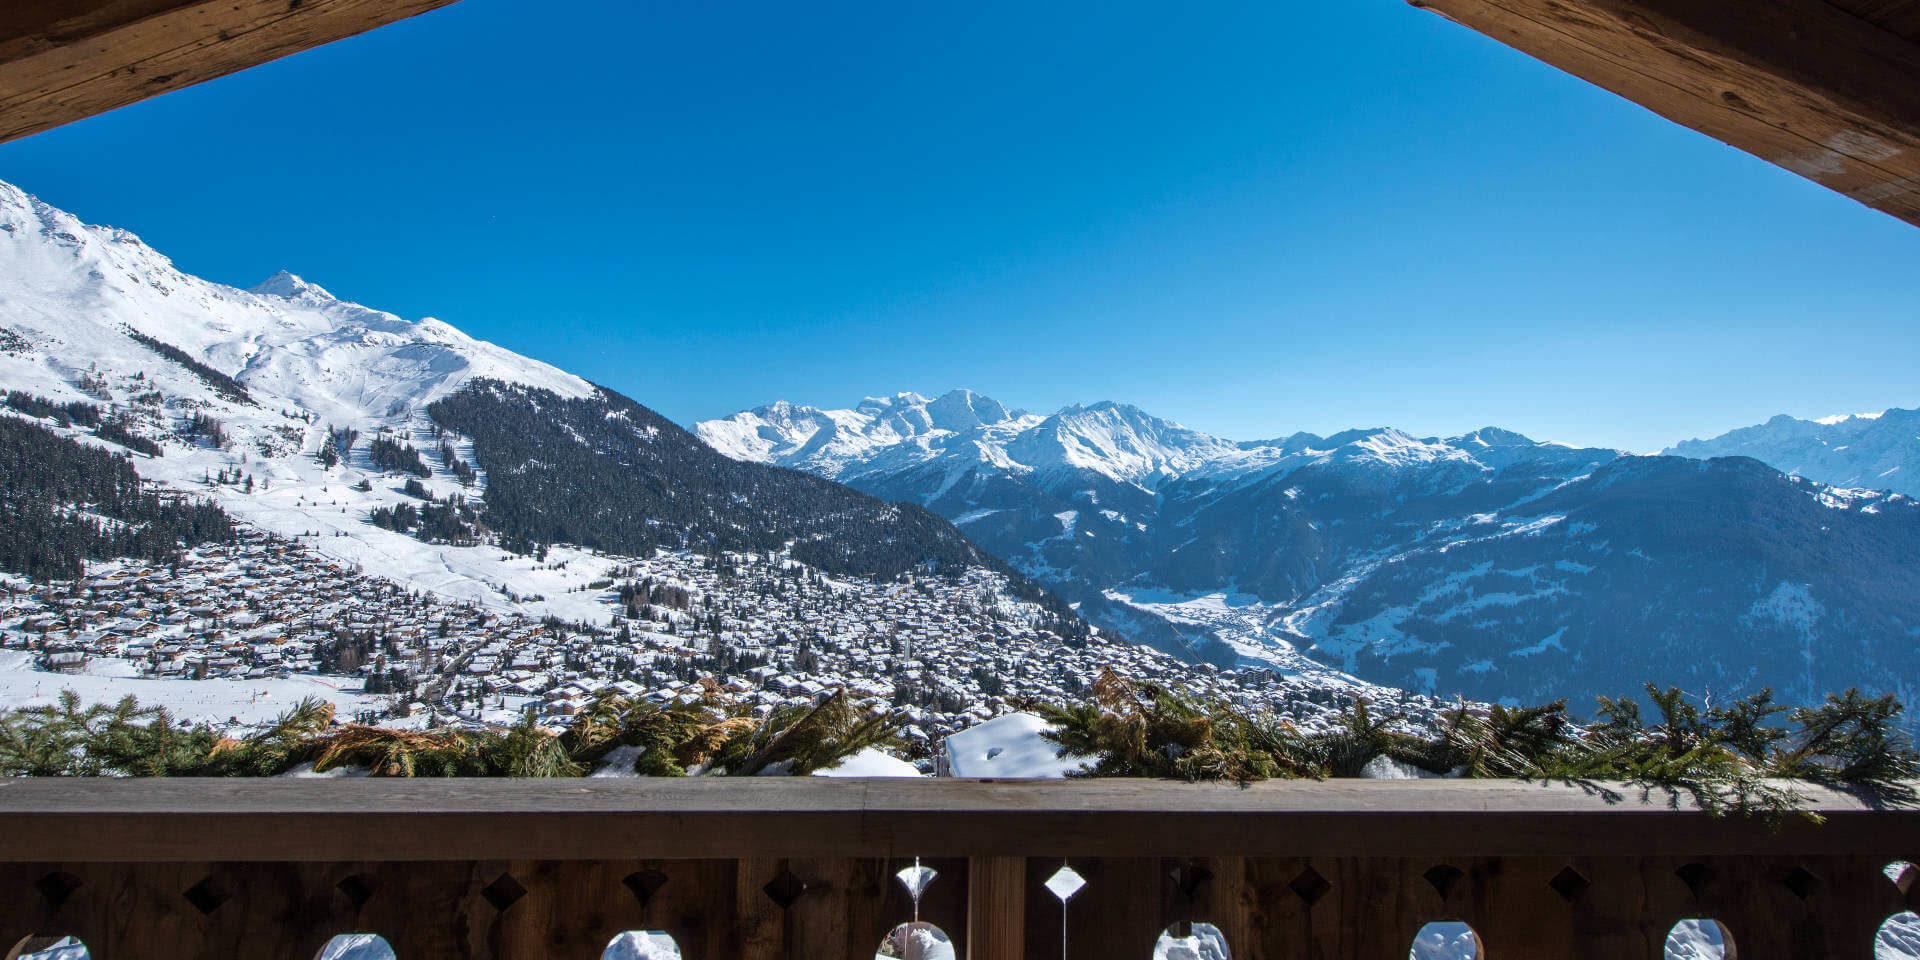 Chalet Nyumba Verbier Les 4 Vallees Zwitserland wintersport skivakantie luxe fantastisch uitzicht balkon dorp sneeuw bergen